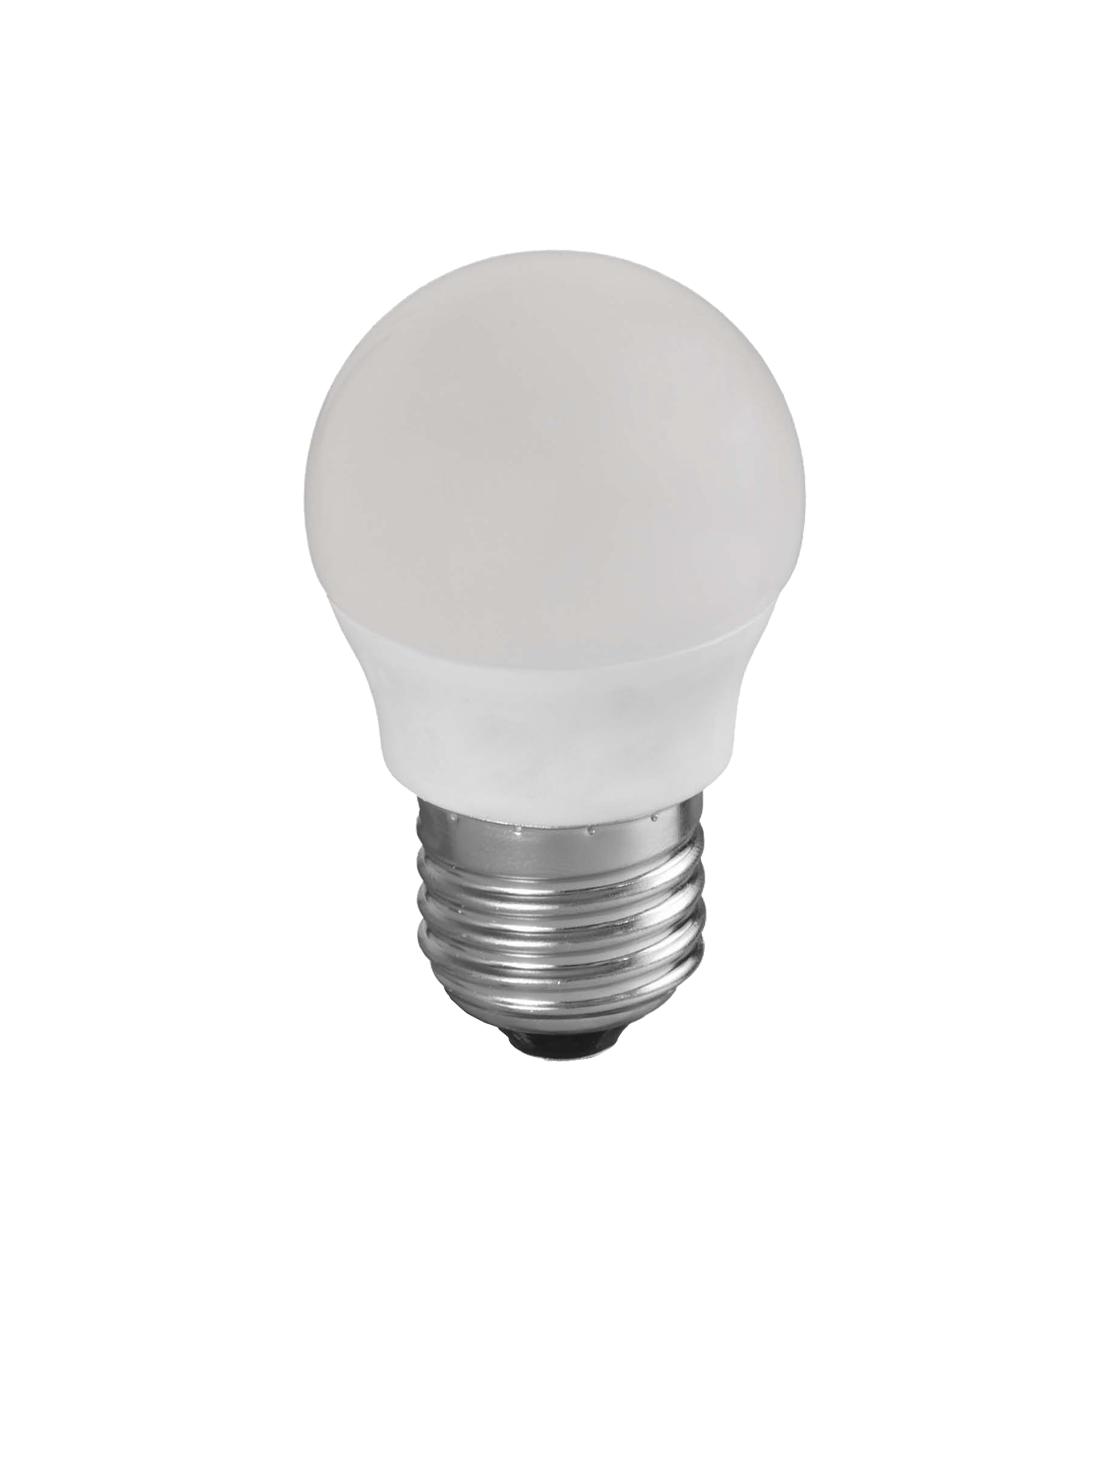 Bombilla esférica LED E27 Versión dimmable en detalle